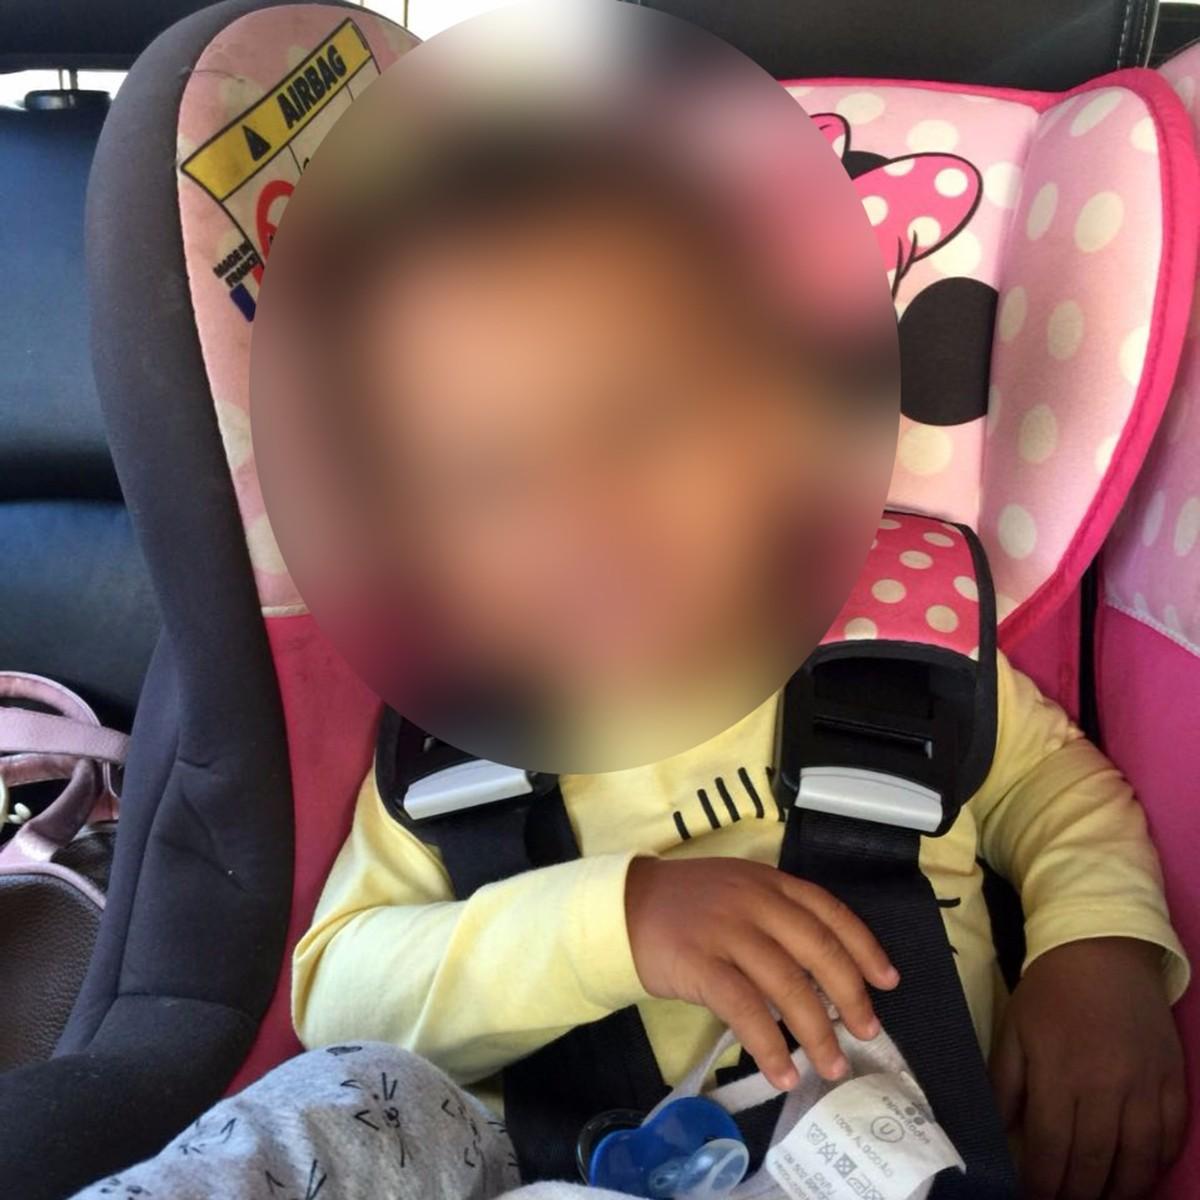 Por telefone, mãe recebe ajuda da PM e salva bebê afogada em piscina, em Hortolândia